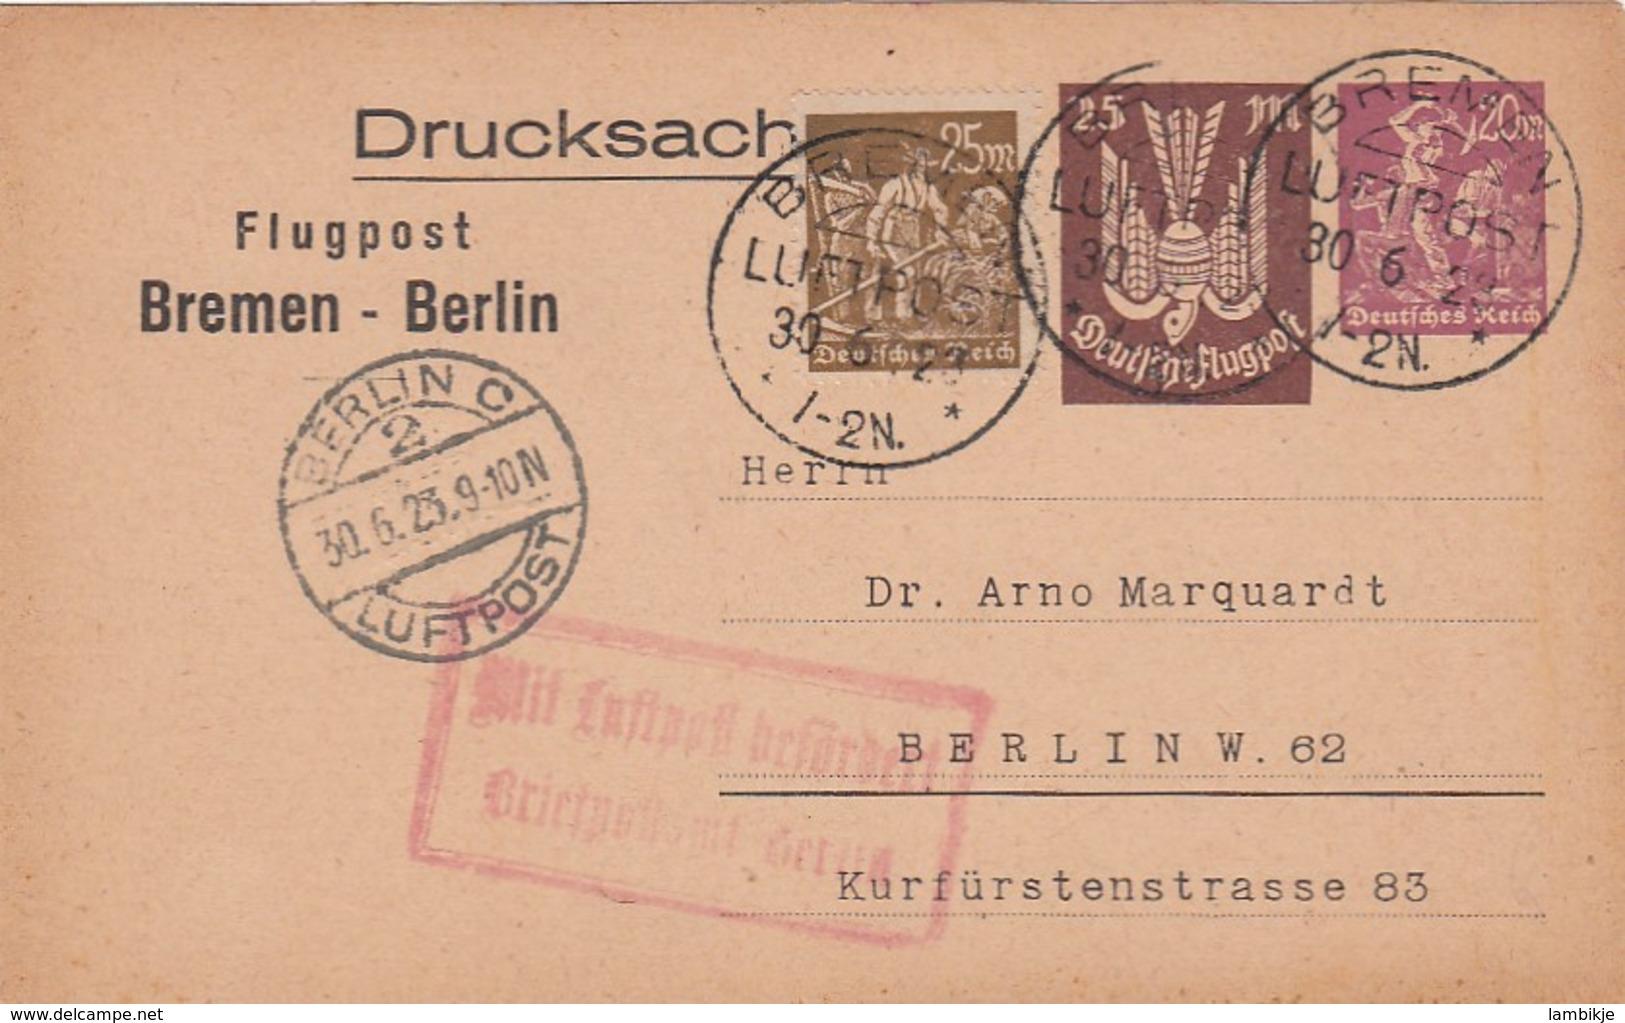 Deutsches Reich Luftpost Postkarte 1923 - Deutschland